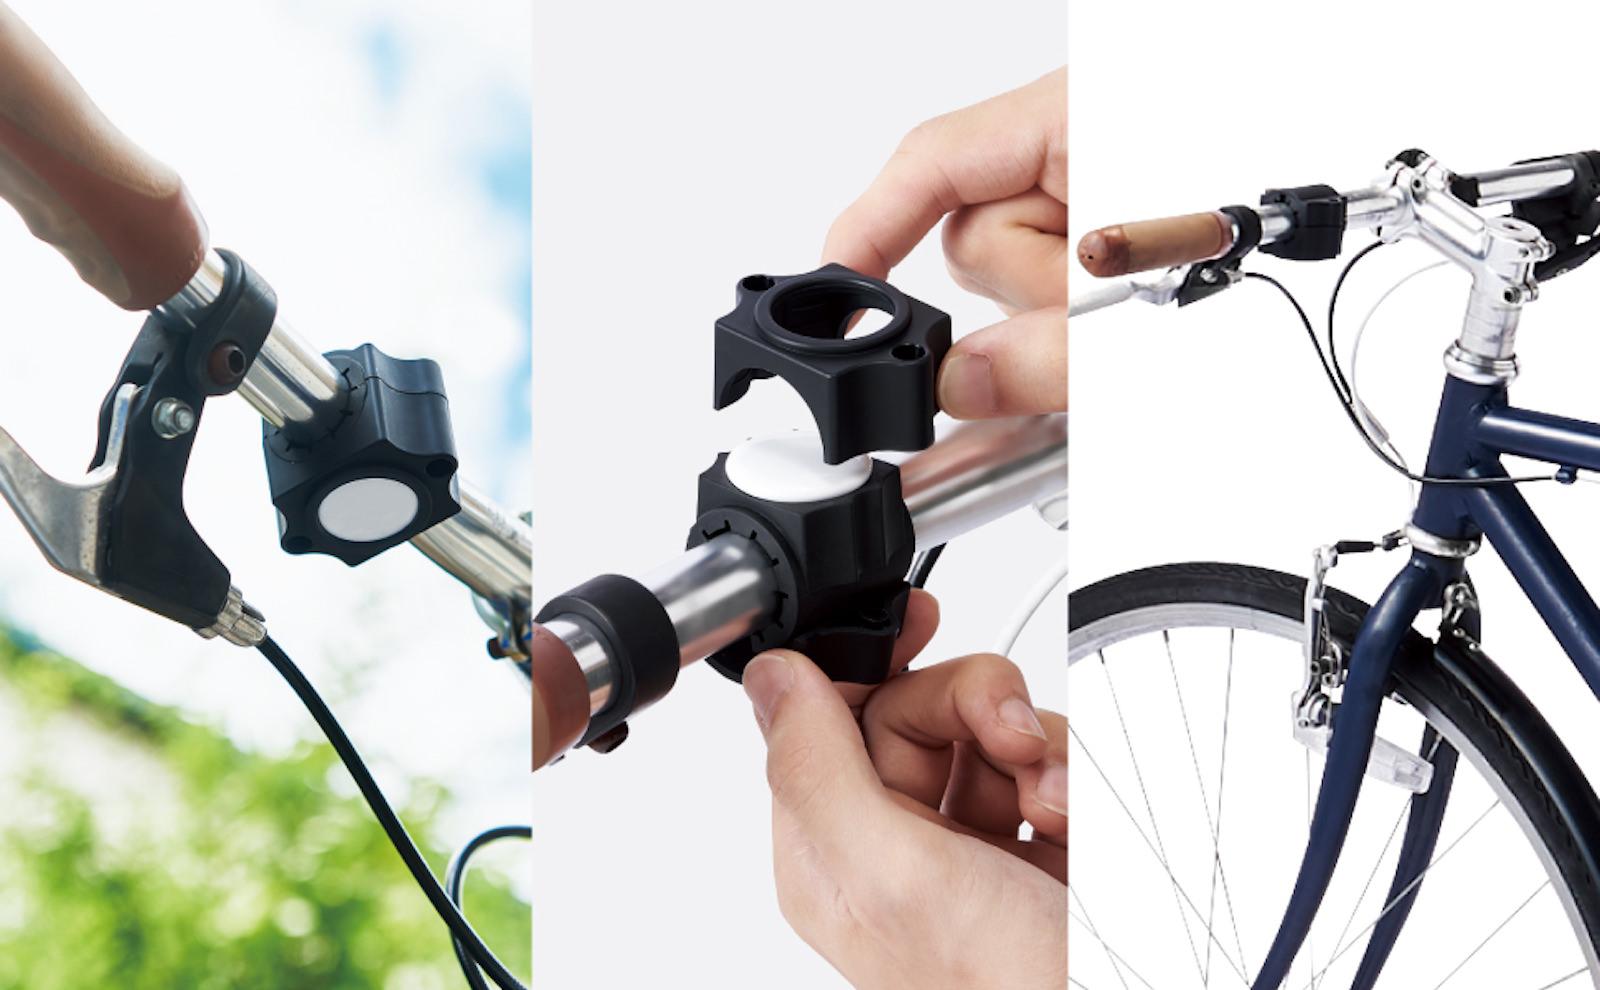 Elecom AirTag Accessory for bike